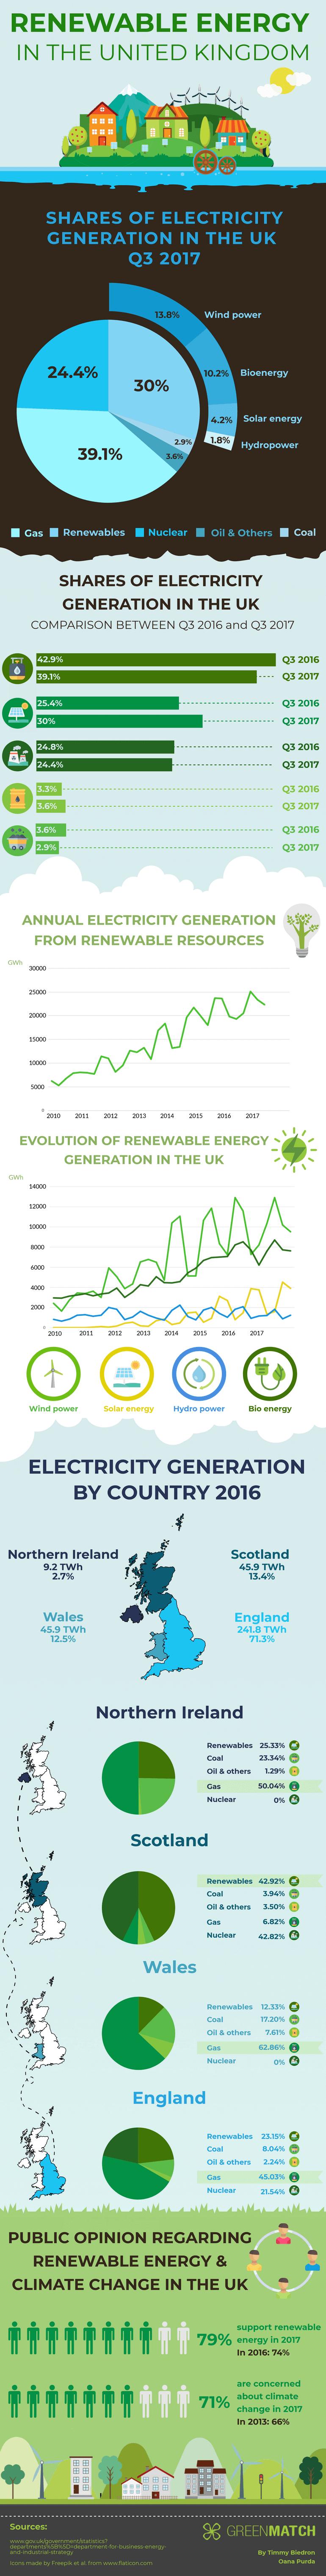 renewable energy in the uk 1